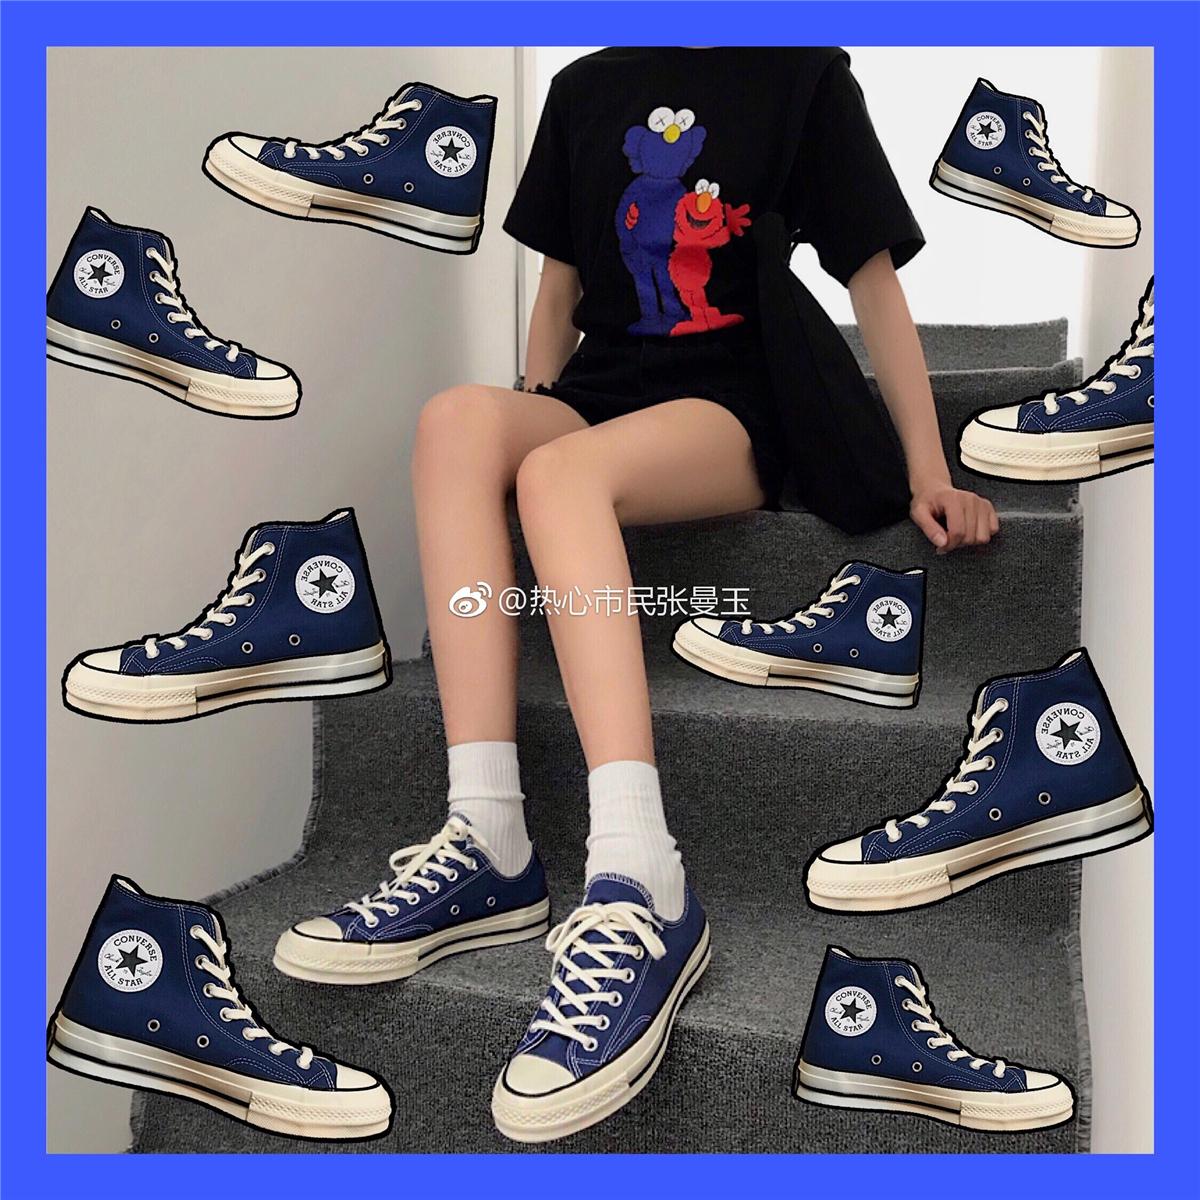 匡威1970S三星标帆布鞋女男 海军蓝高帮低帮男女鞋162064c162055c